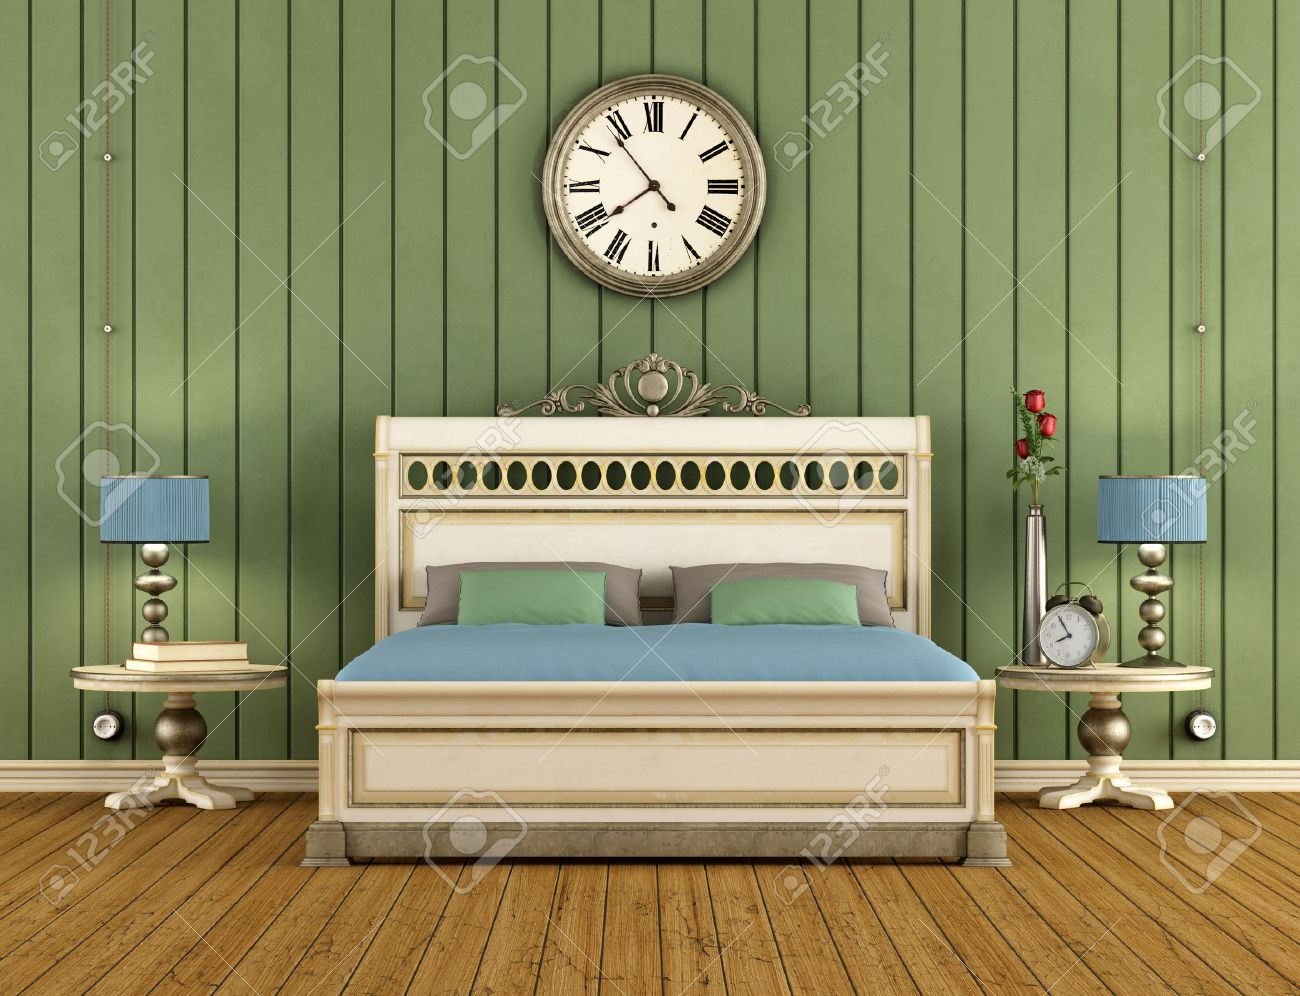 Weinlese Schlafzimmer Mit Grünen Wandverkleidung Und Klassische Bett    Machen Standard Bild   23718852